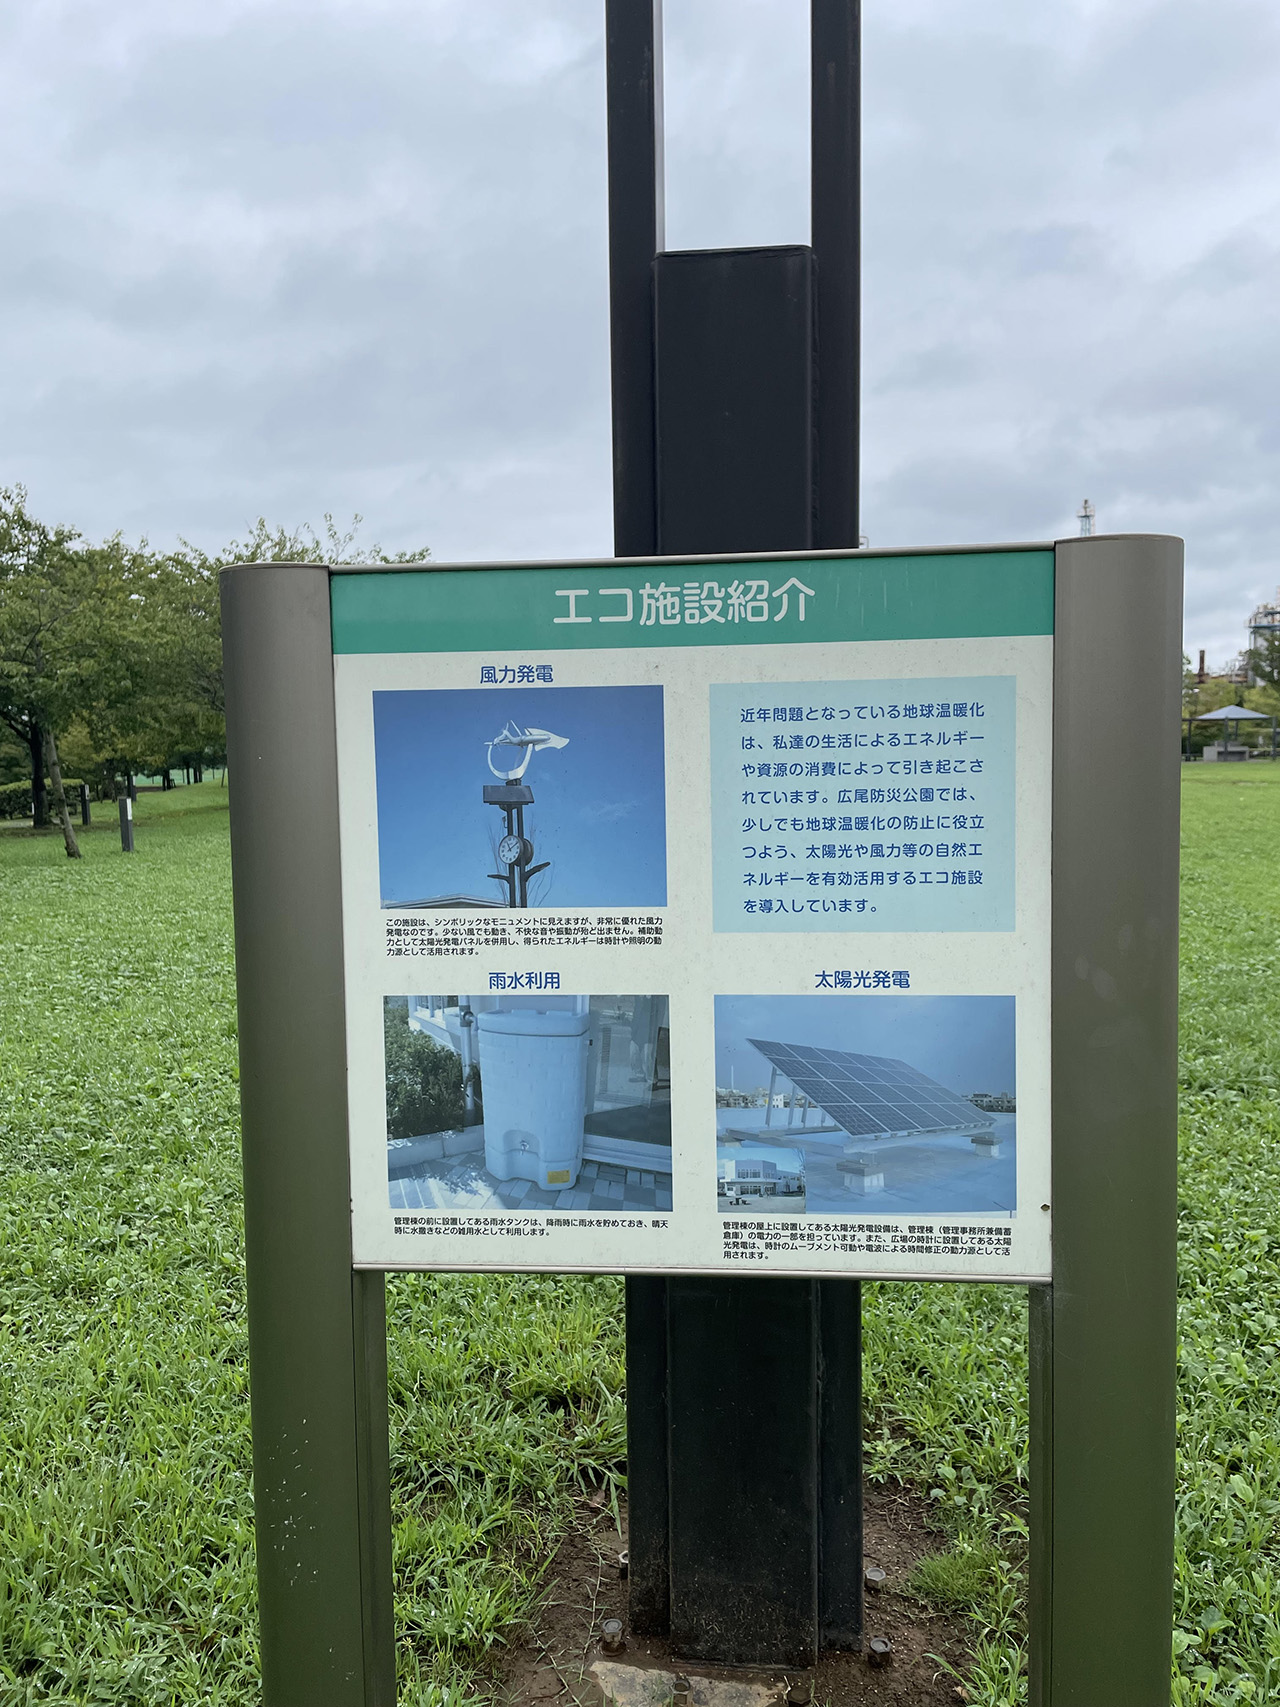 エコ施設の紹介看板の写真